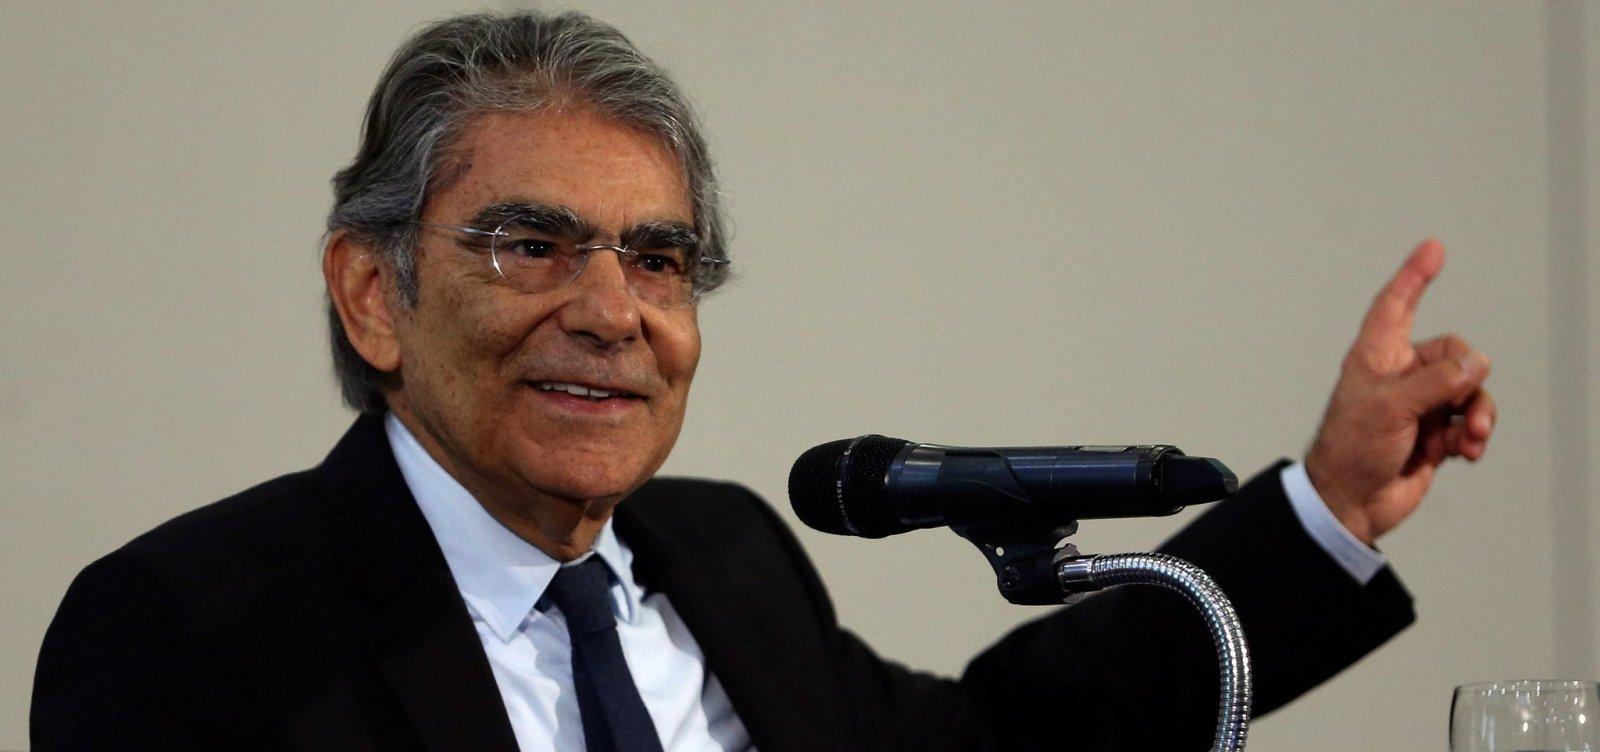 Exoneração de Moro para assumir Ministério compromete imagem do Judiciário, diz Ayres Britto